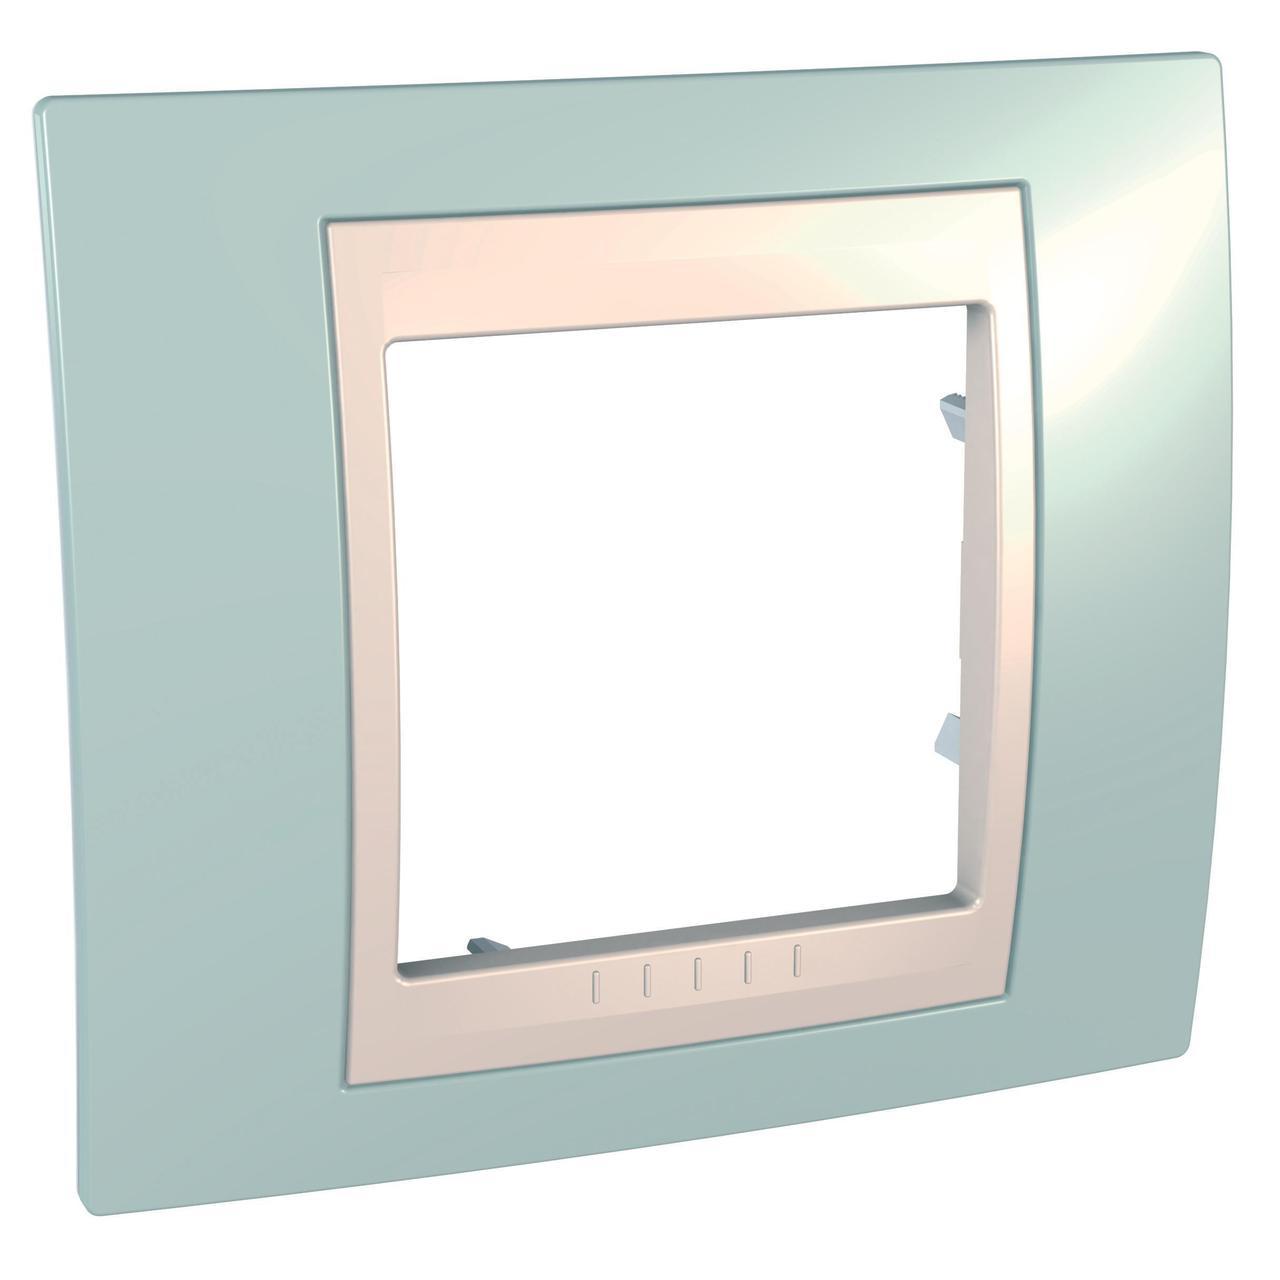 Рамка 1-ая (одинарная), Морская волна/Бежевый, серия Unica, Schneider Electric